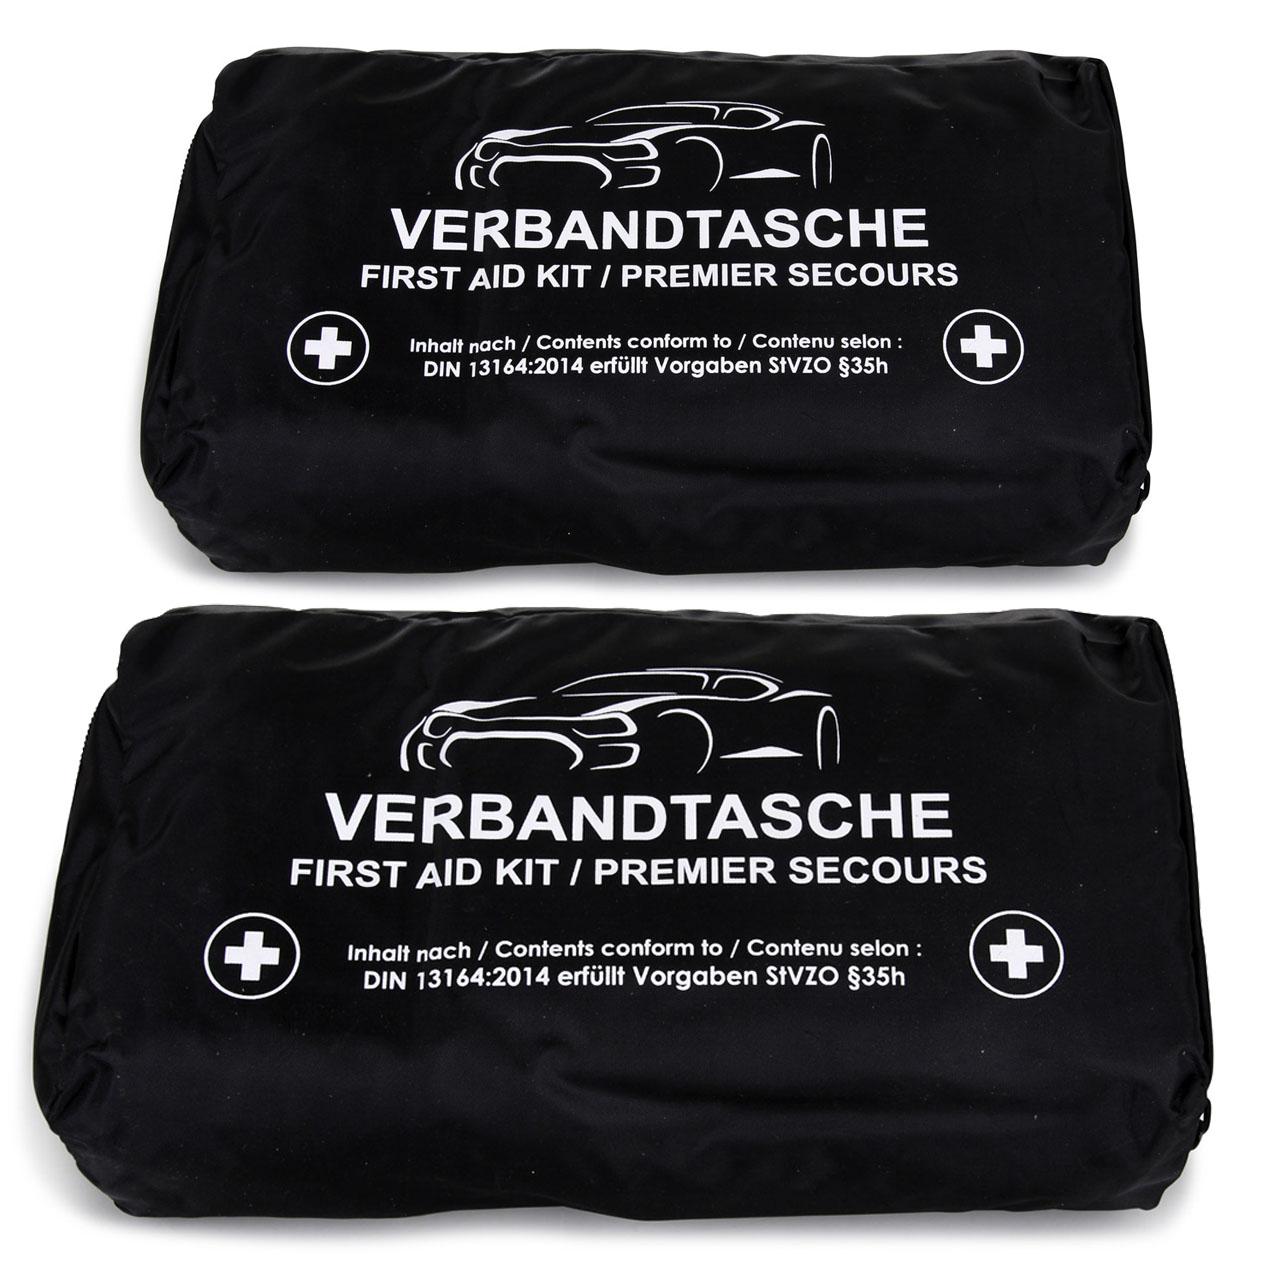 2x KFZ Auto Verbandkasten Verbandskasten SCHWARZ Erste Hilfe MHD 07.2024